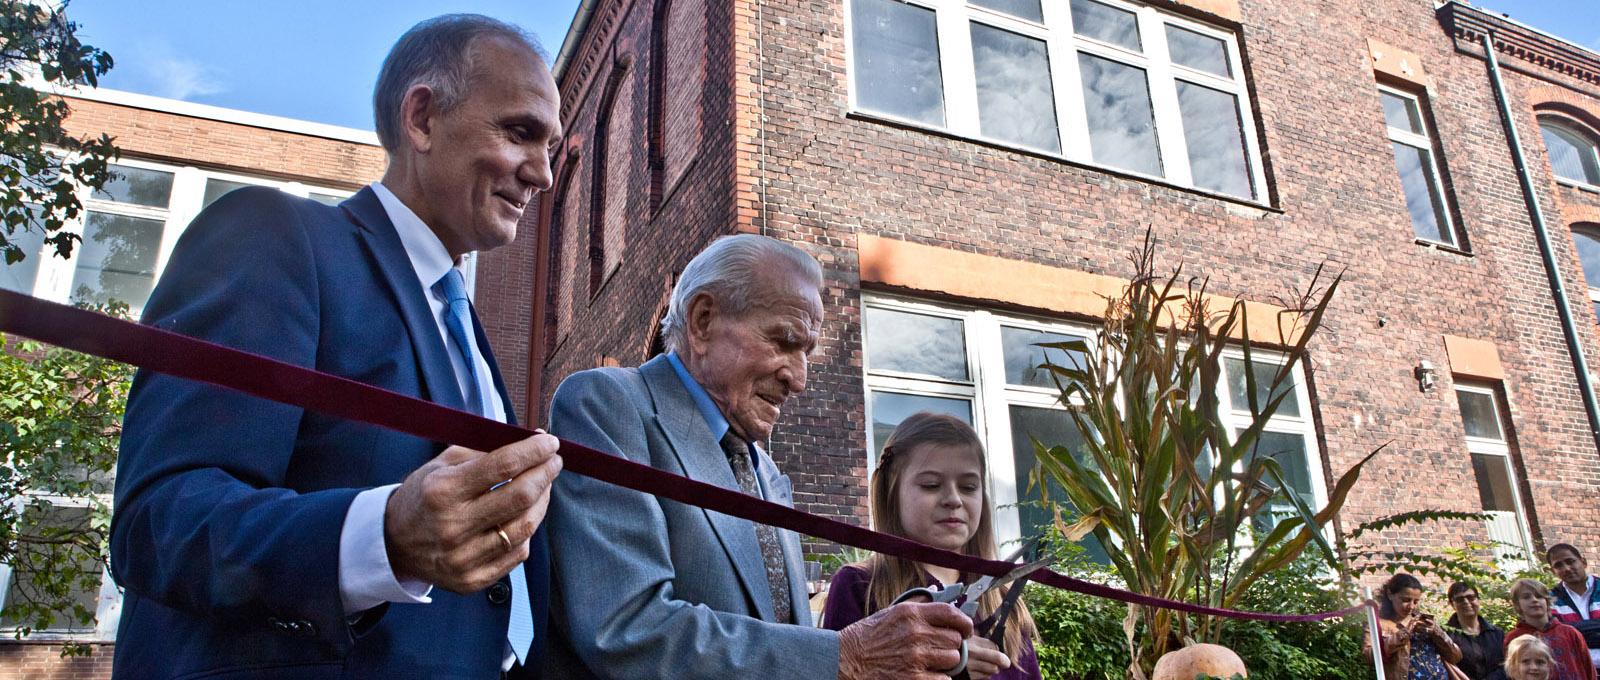 Alexander Zeeb, Walter Littek und Daria Gerter zerschneiden die Banderole zur Einweihung des Gebäudes. ©Martens